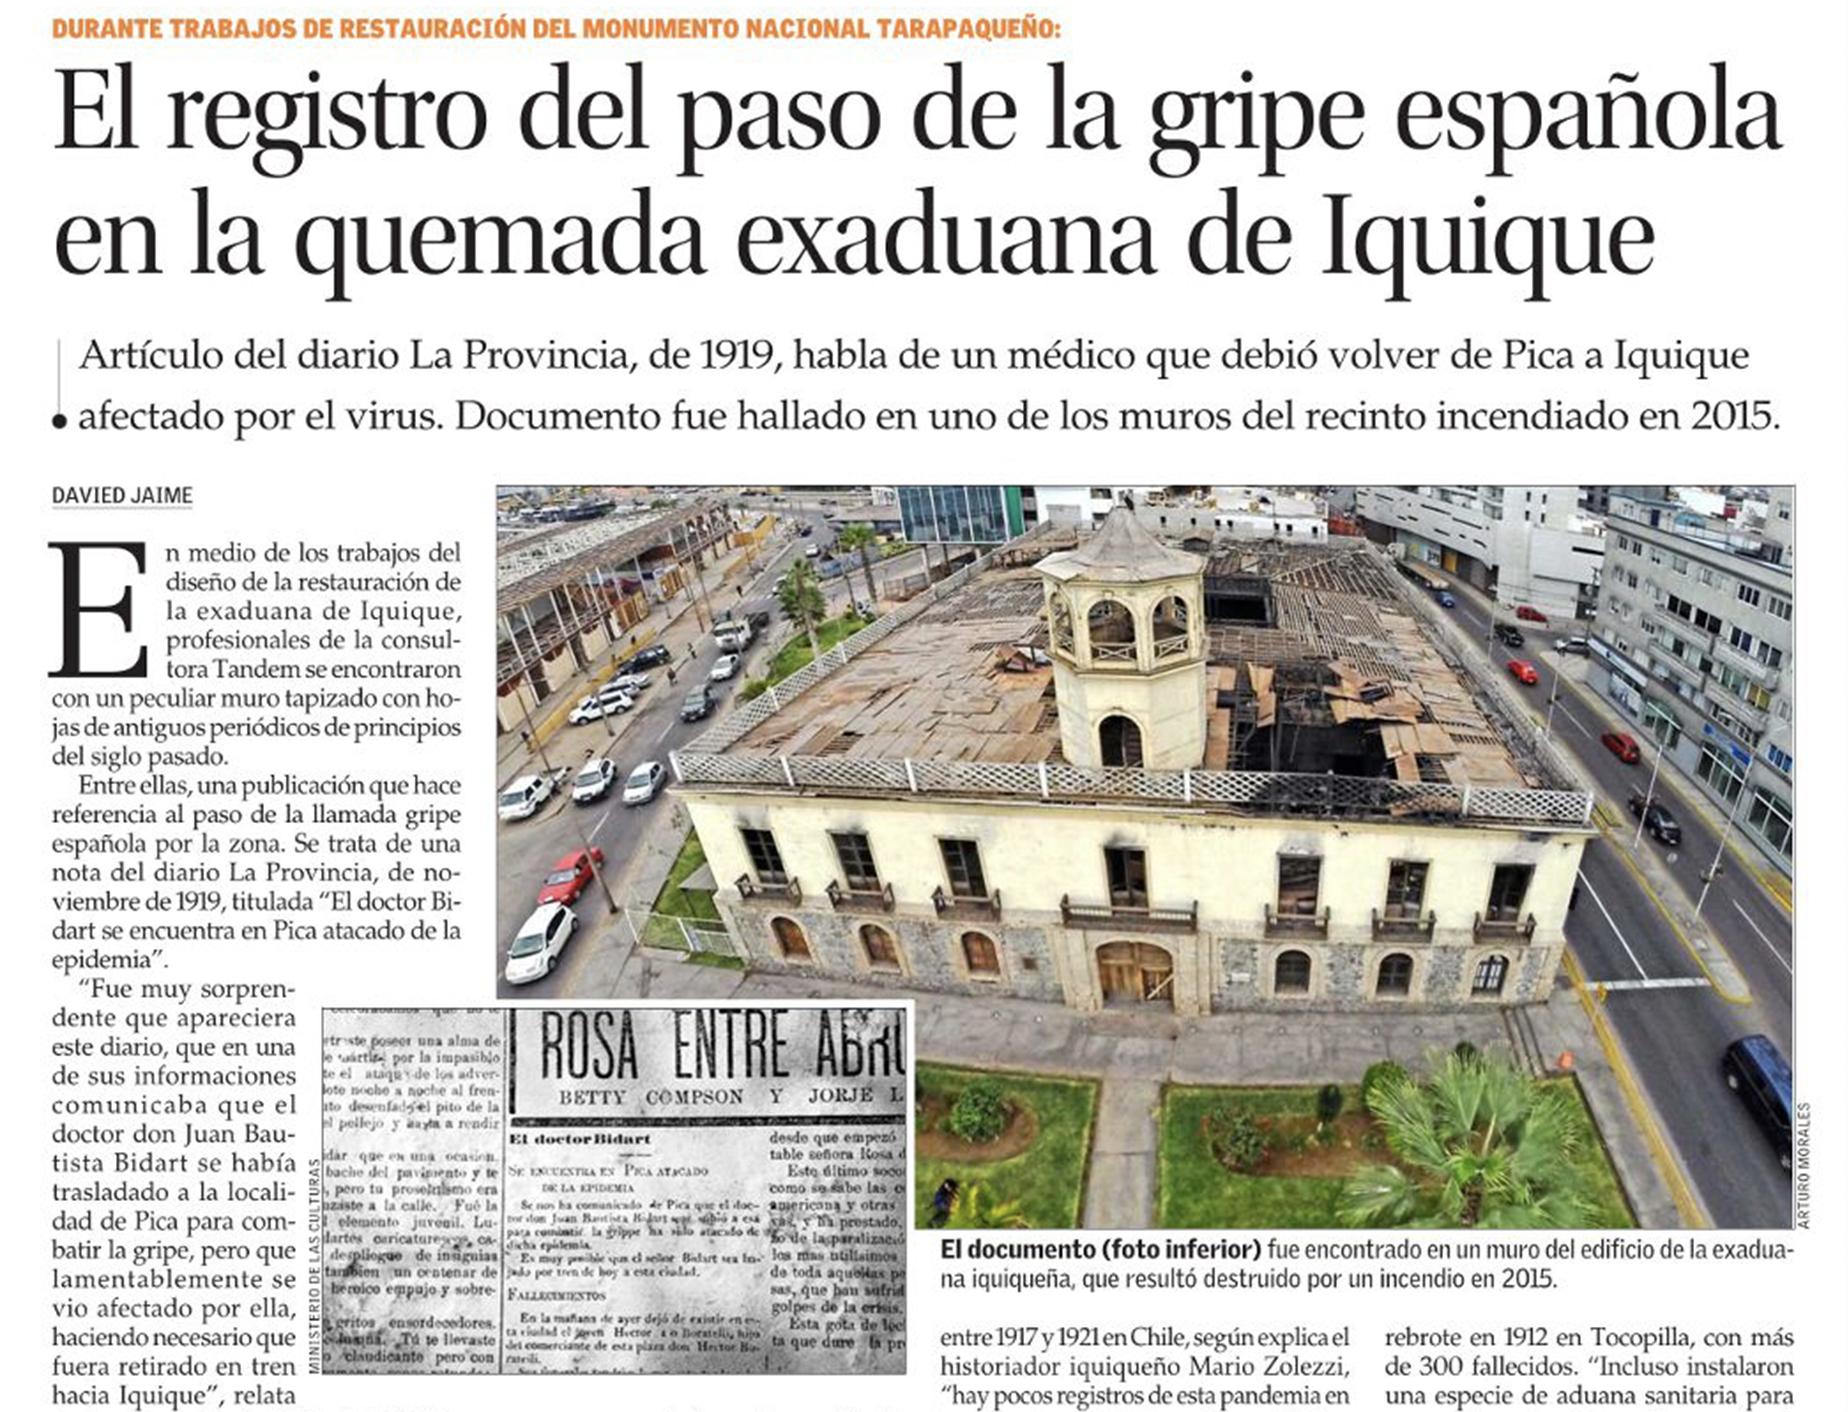 El registro del paso de la gripe española en la quemada exaduana de Iquique